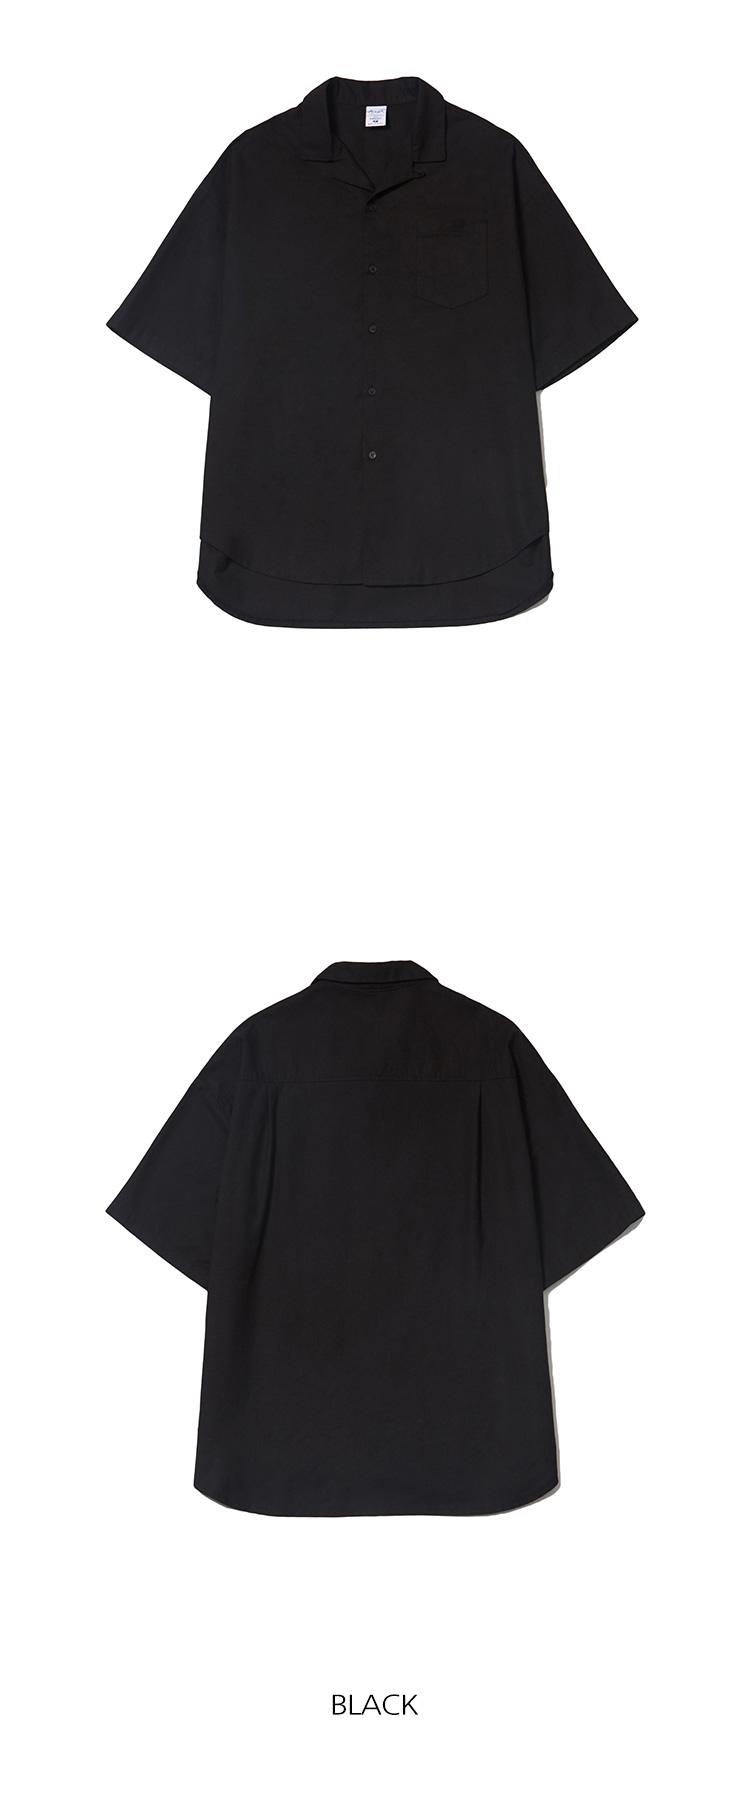 어커버(ACOVER) 린넨 오버핏 셔츠